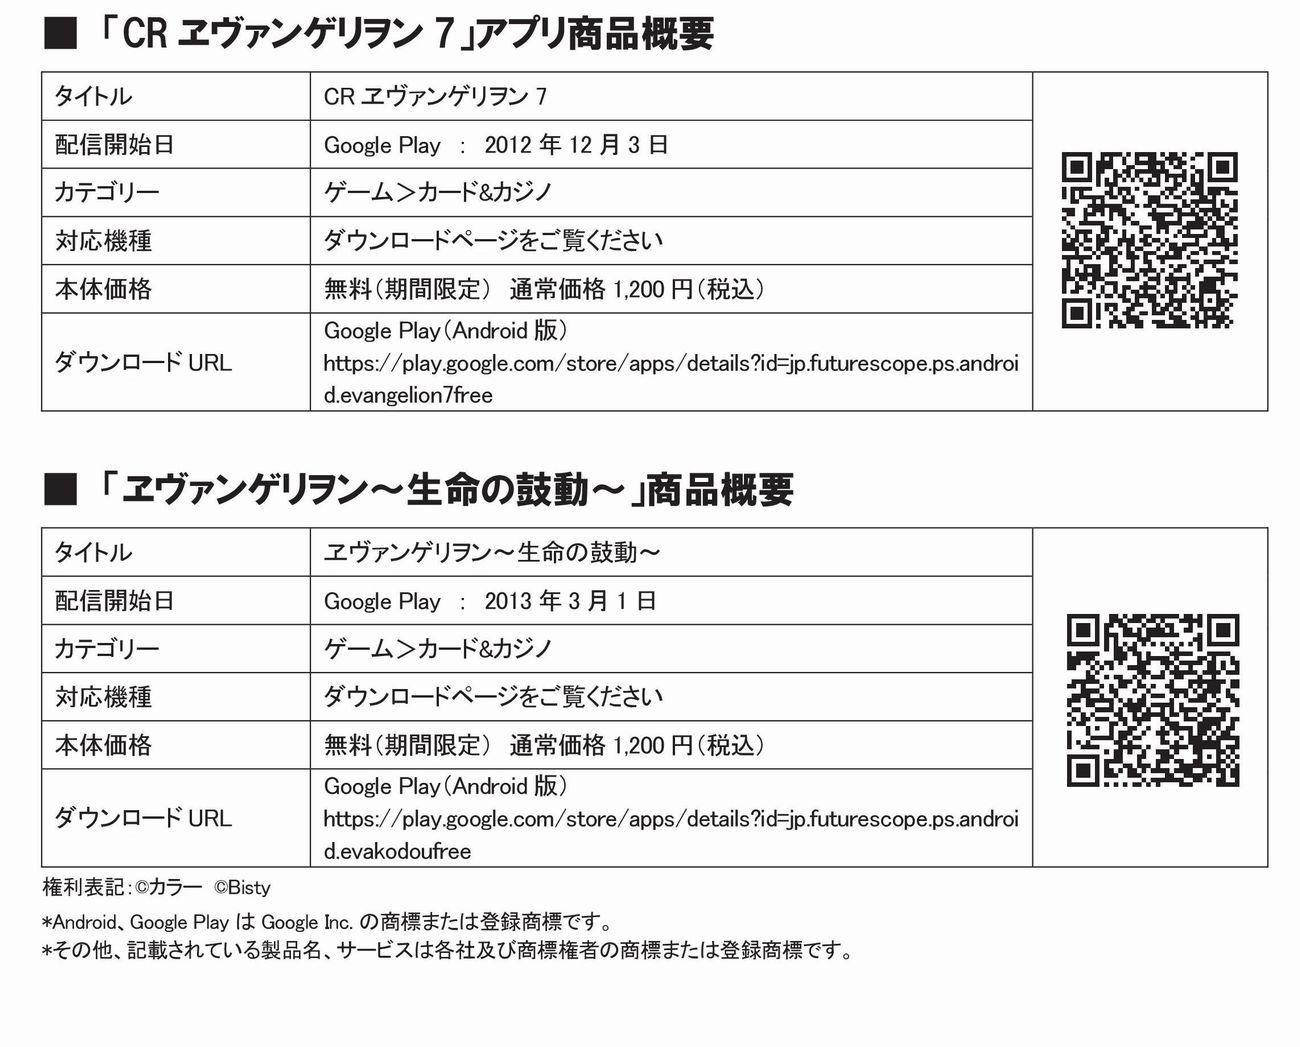 2アプリ無料配信&7Link搭載プレスリリース-002